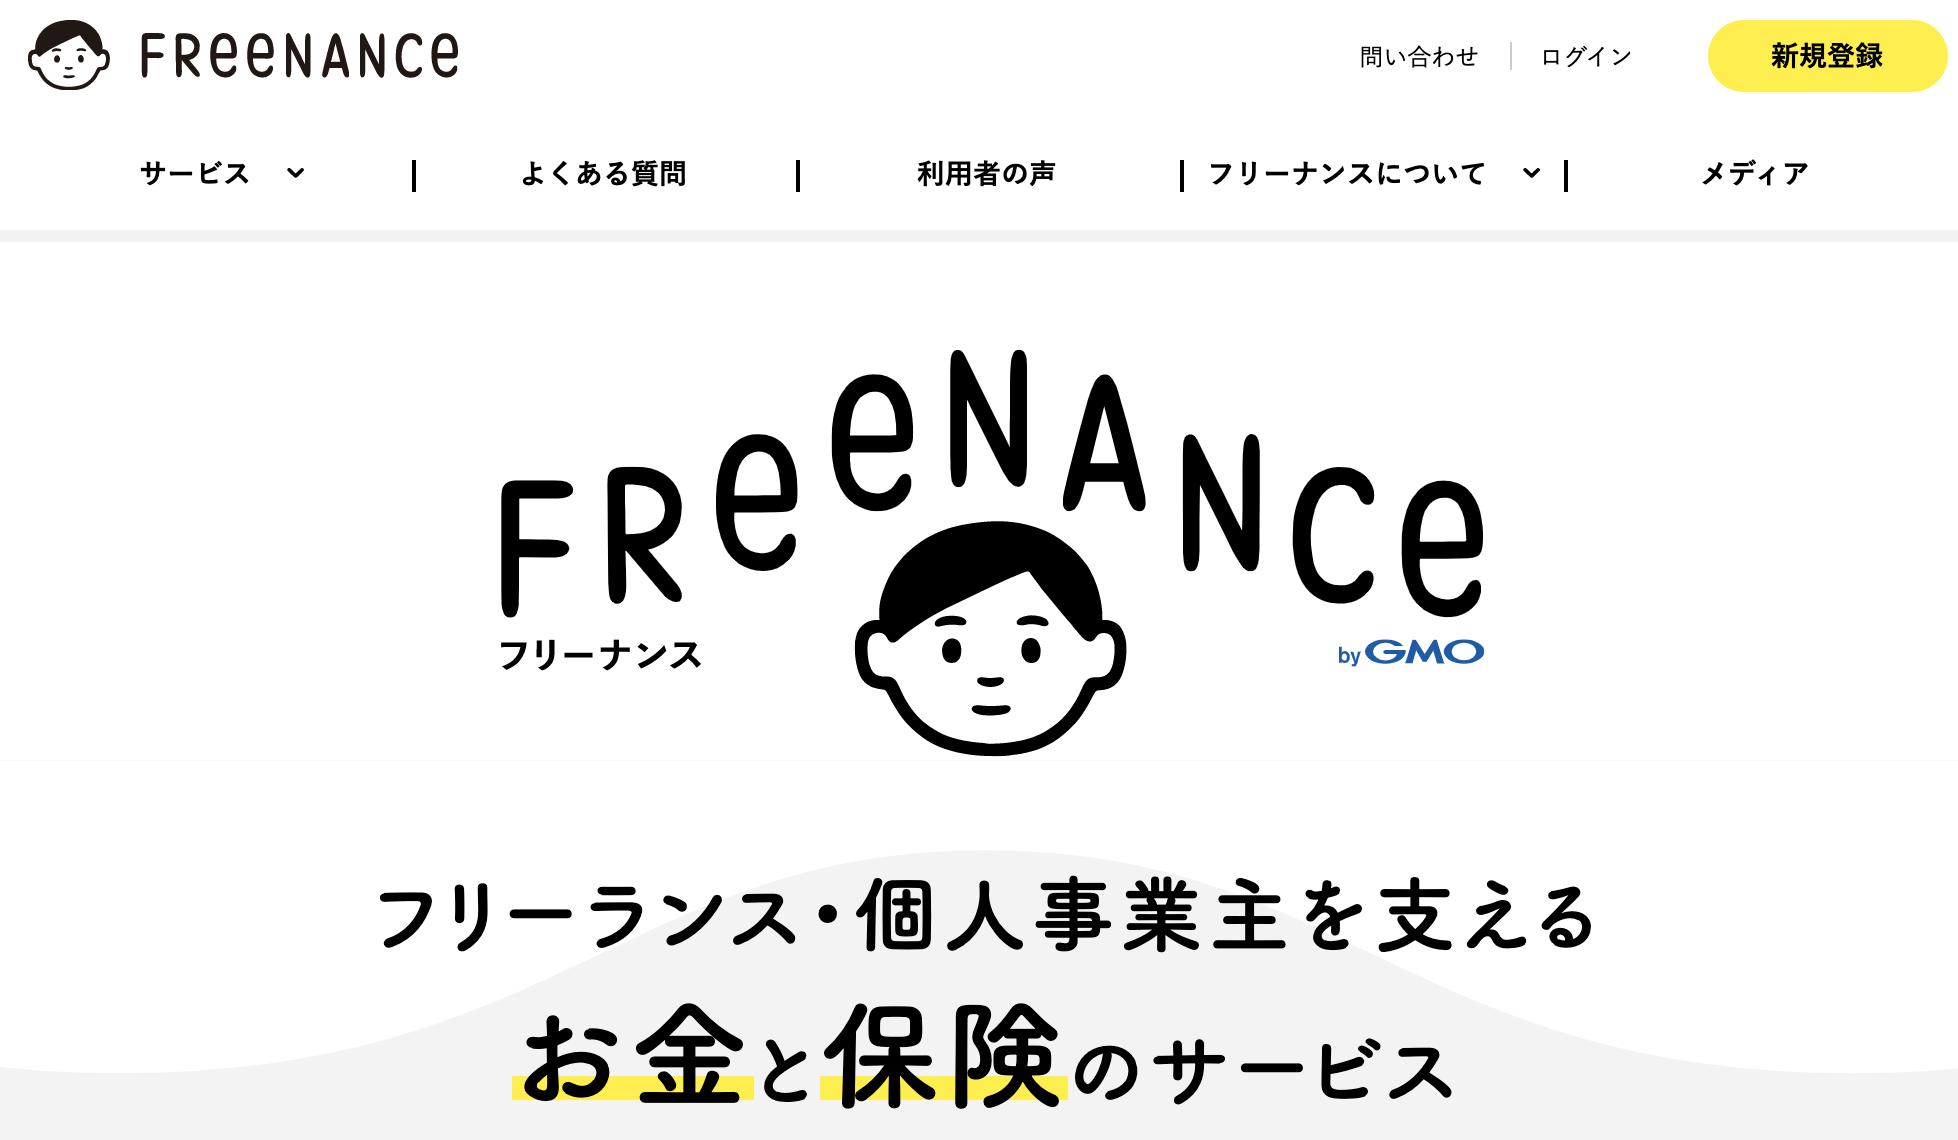 フリーナンスのTOP画面